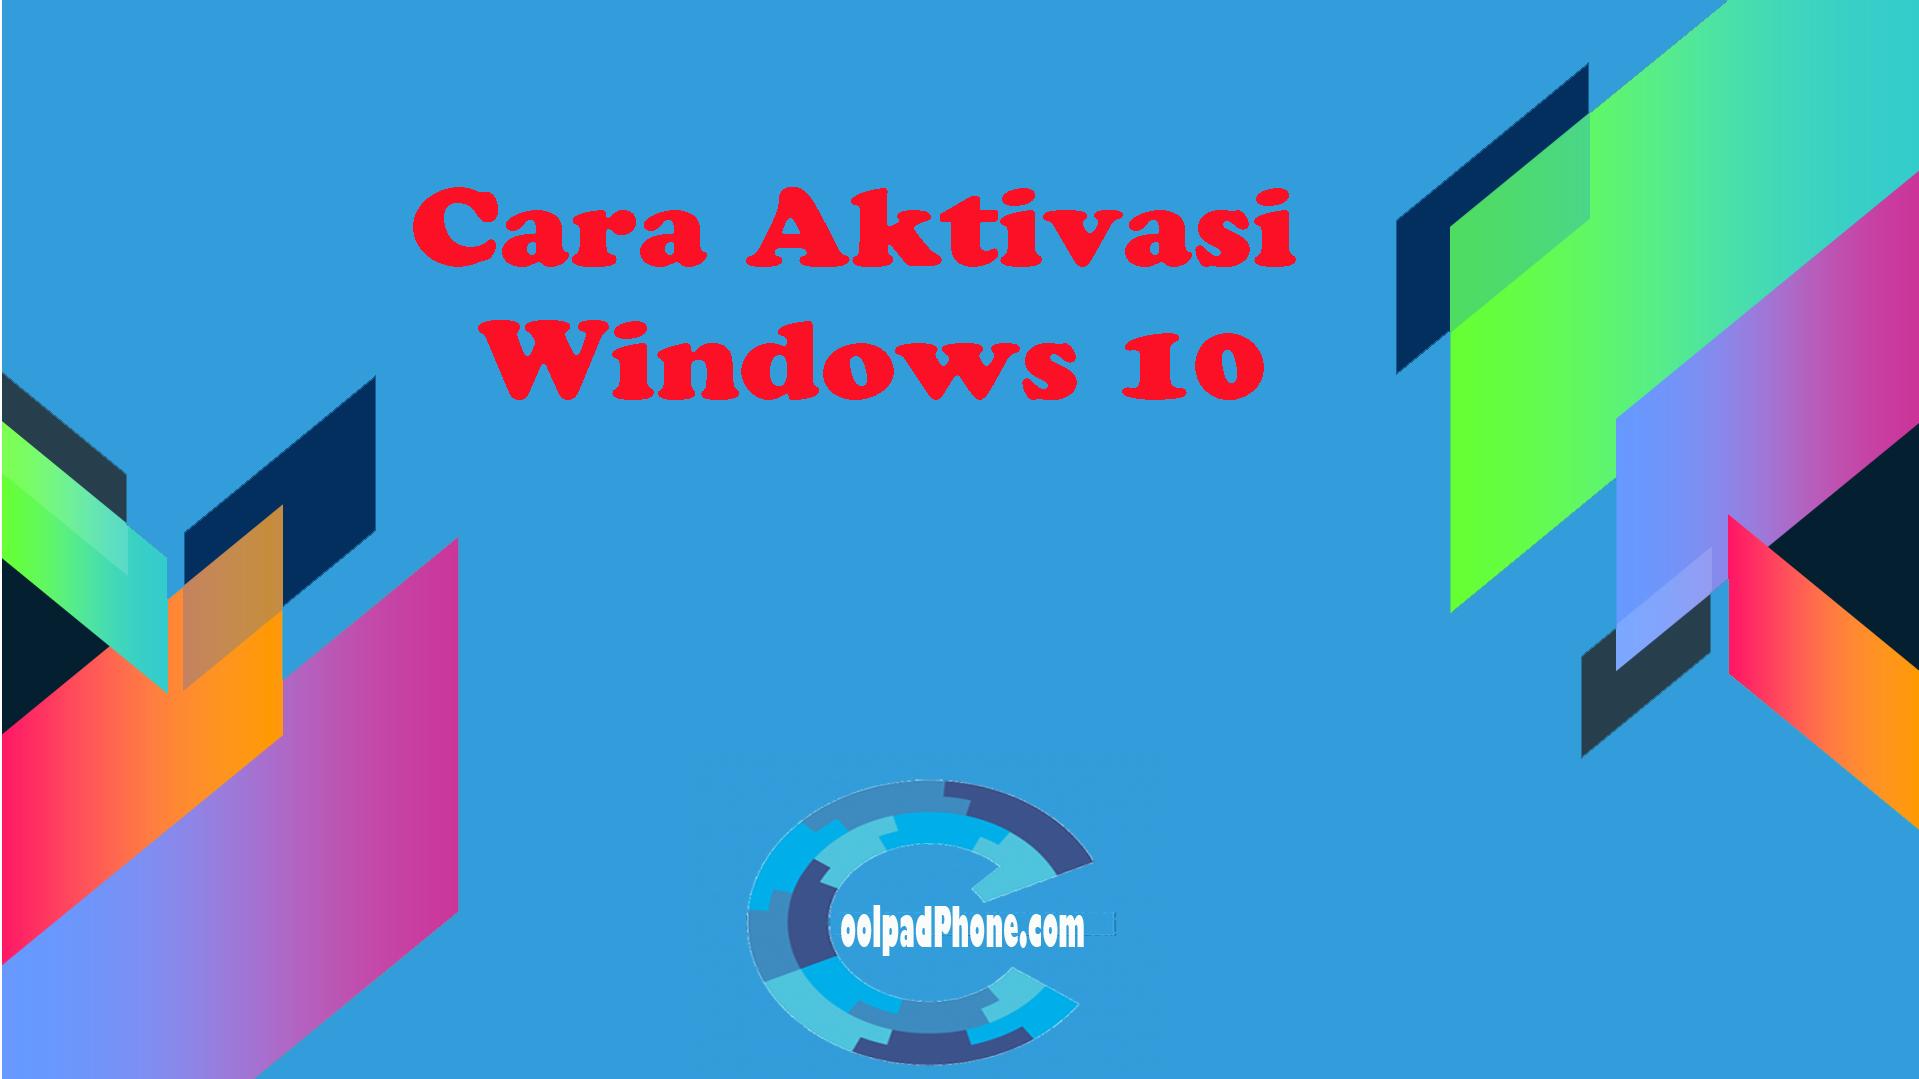 Cara aktivasi windowes 10